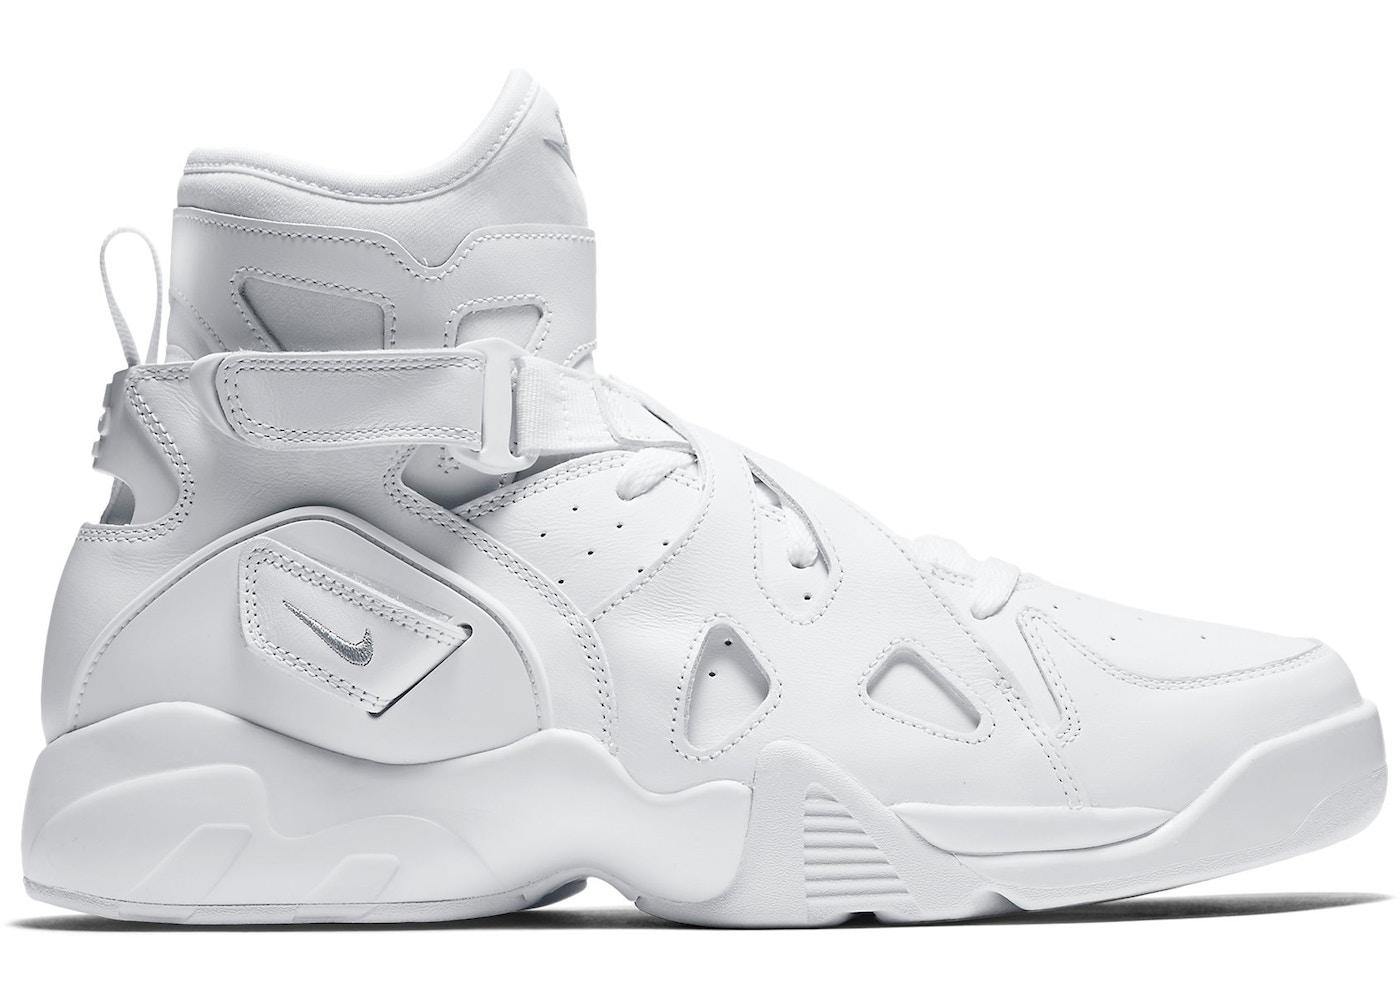 Rebotar cáscara Sembrar  Nike Air Unlimited Triple White - 889013-100